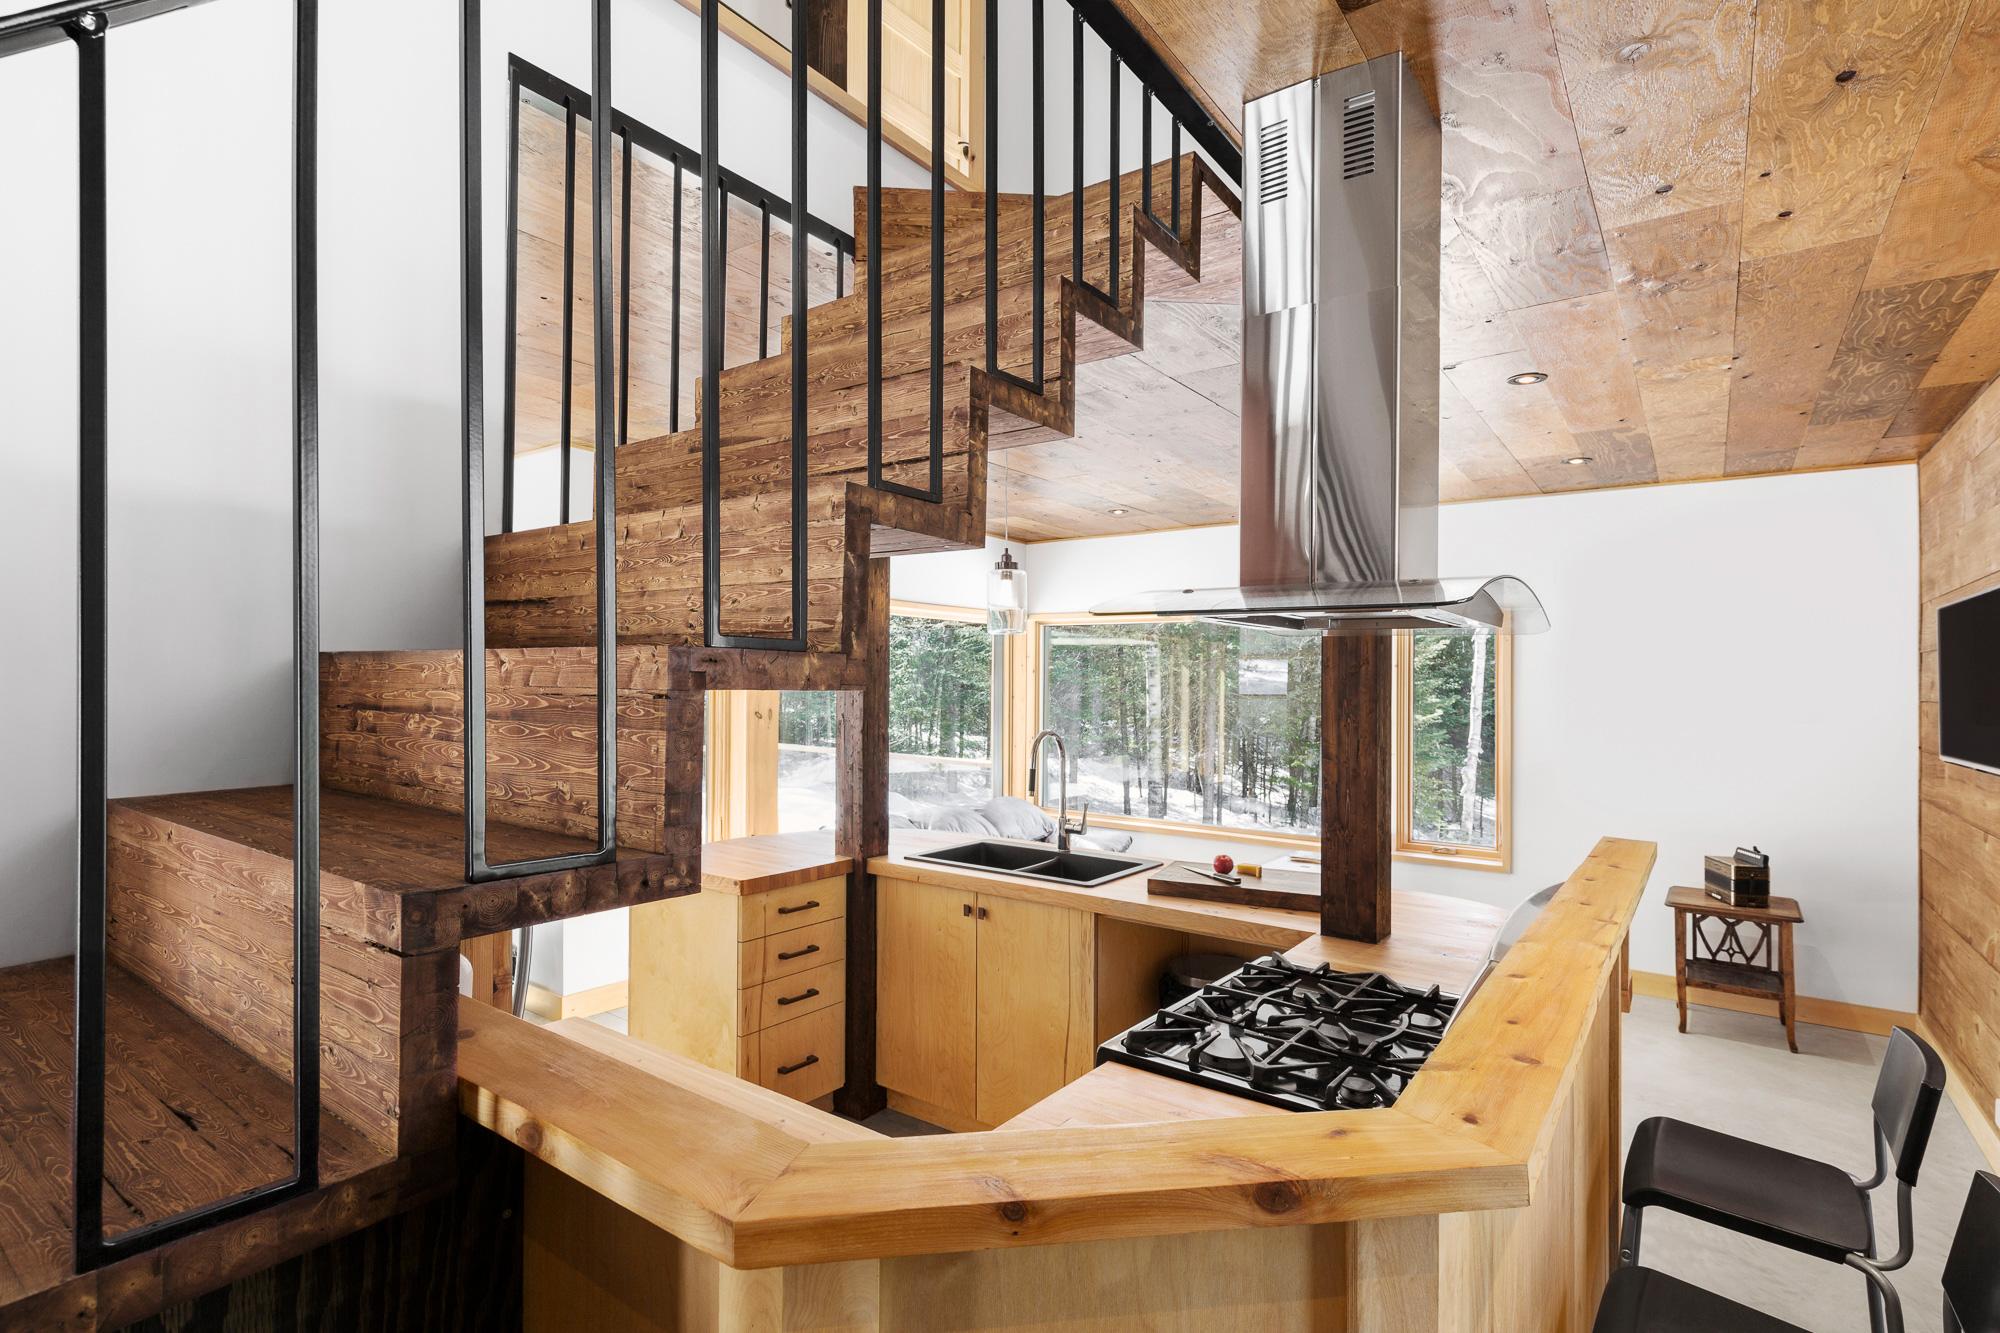 maison cuisine escalier bois